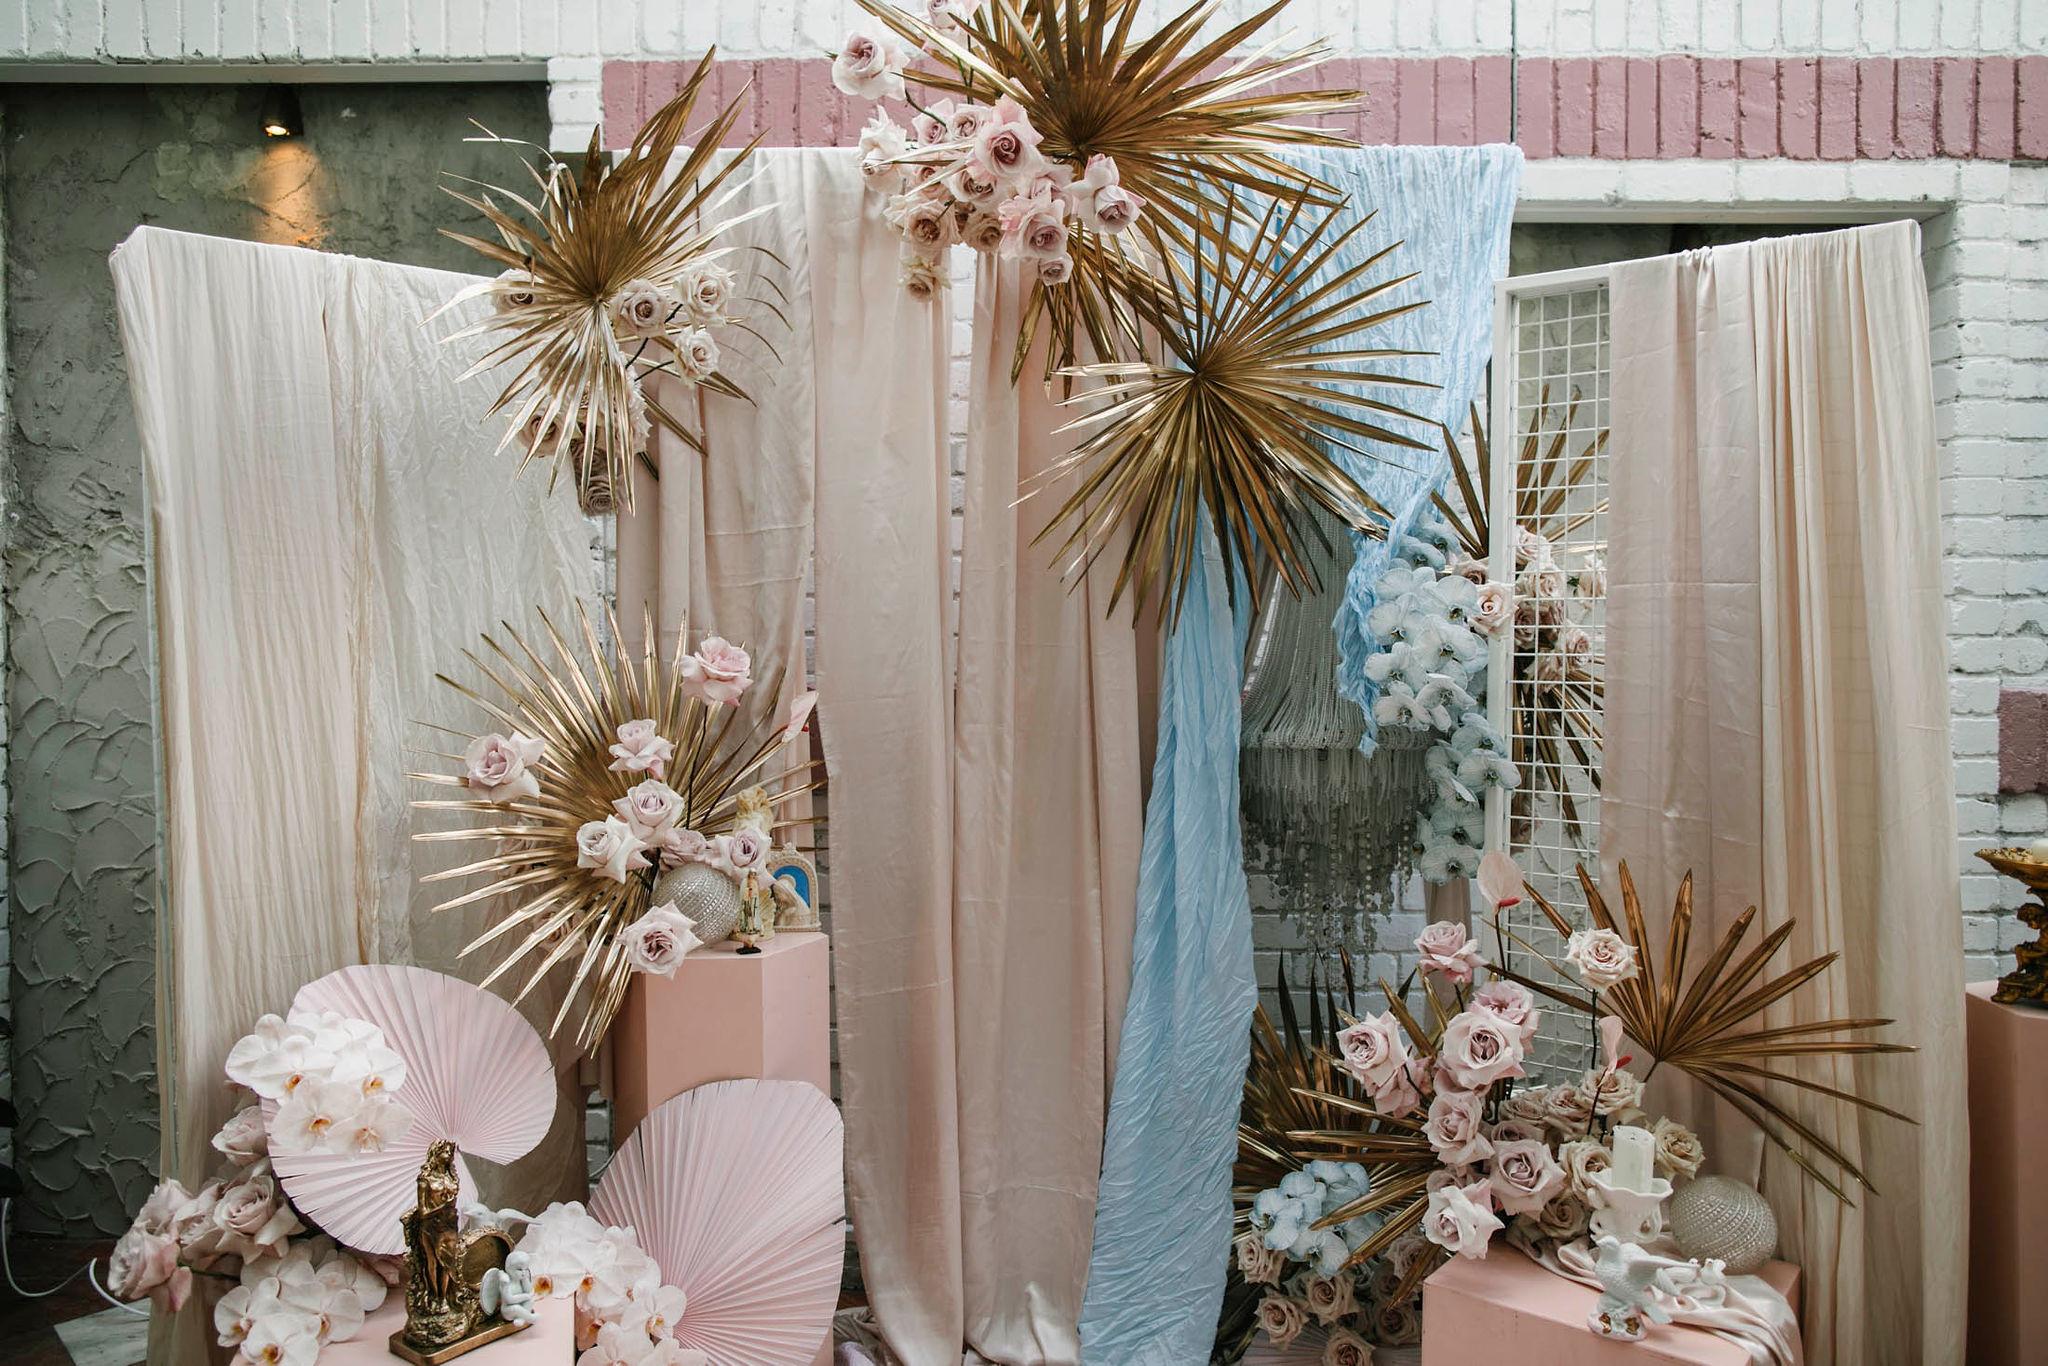 Lara + Cass Bohemian Blooms ceremony setup Juliet's bedroom